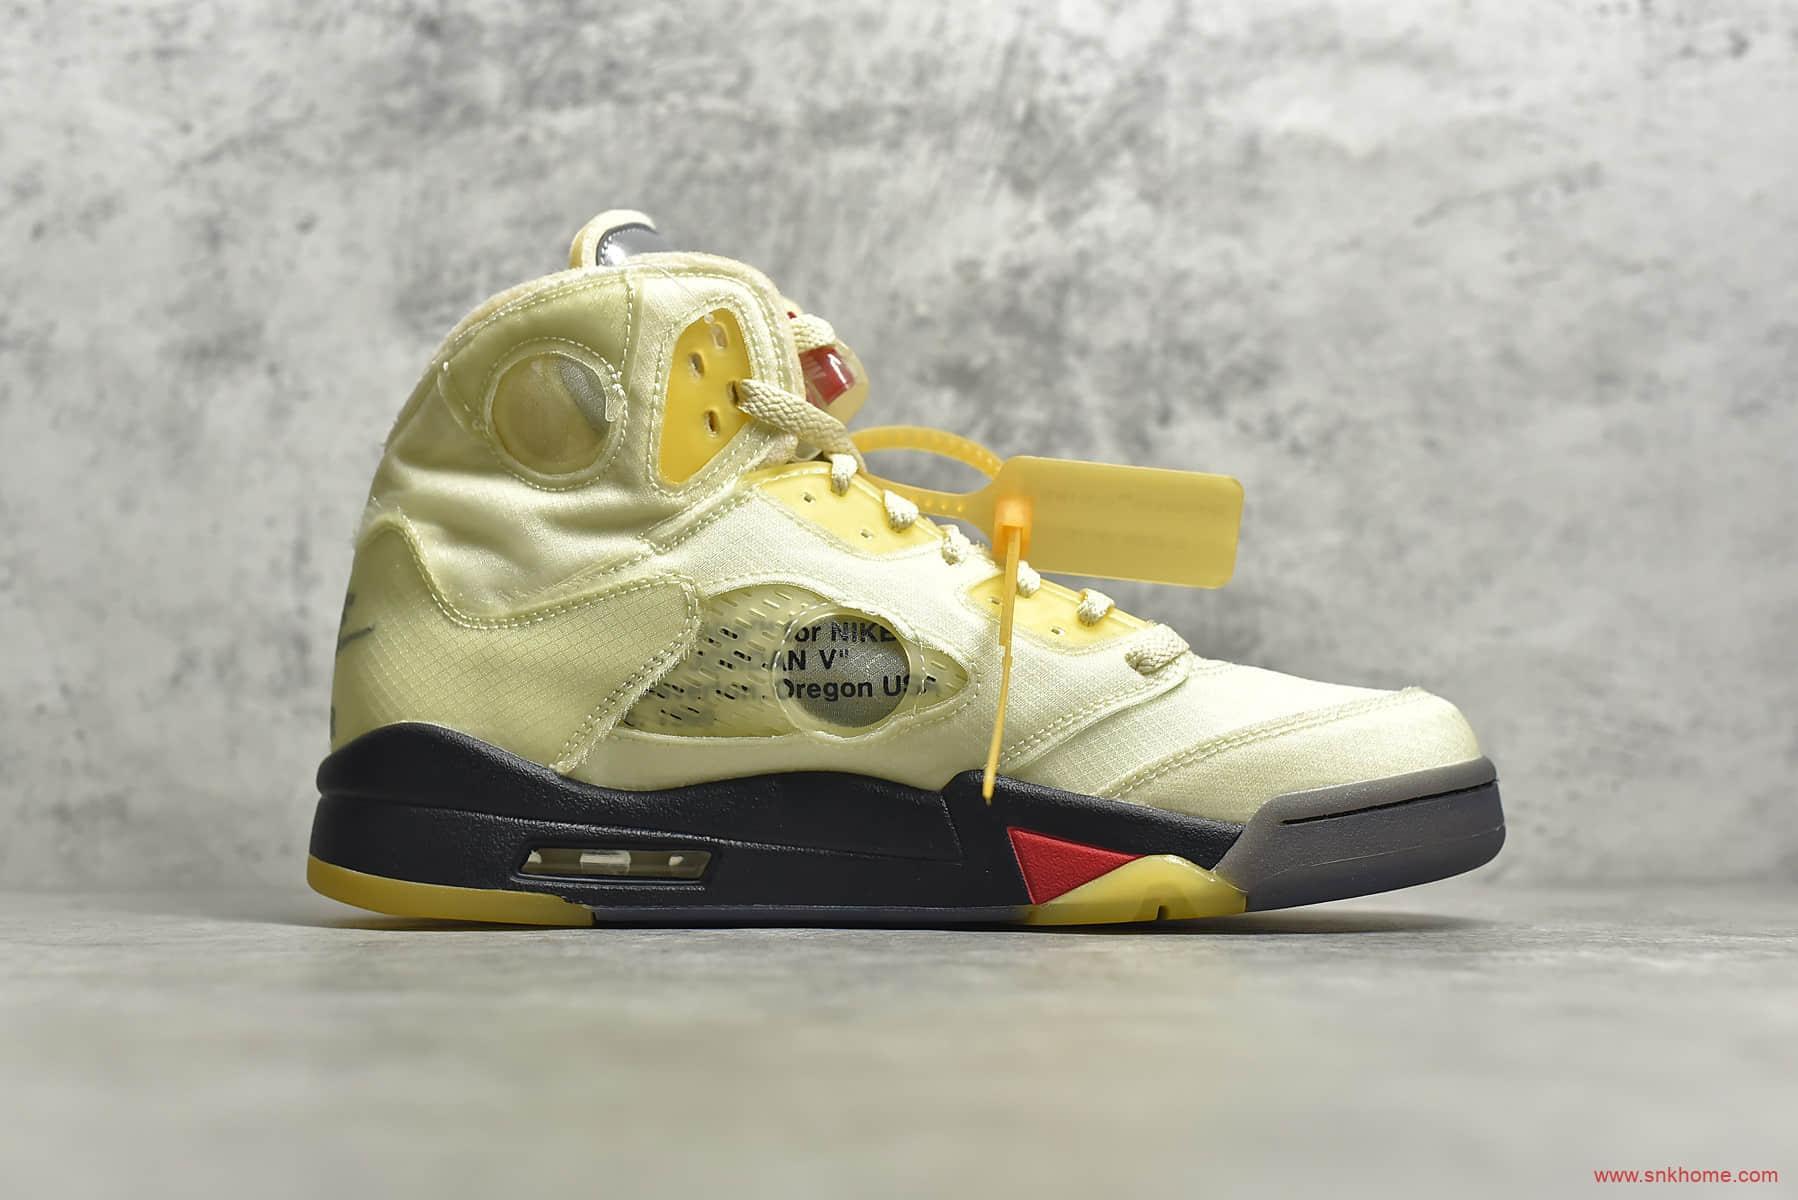 AJ5OW联名白帆金蝉翼 Off-White x Air Jordan 5 AJ5蝉翼OW联名款实战篮球鞋 货号:DH8565-100-潮流者之家